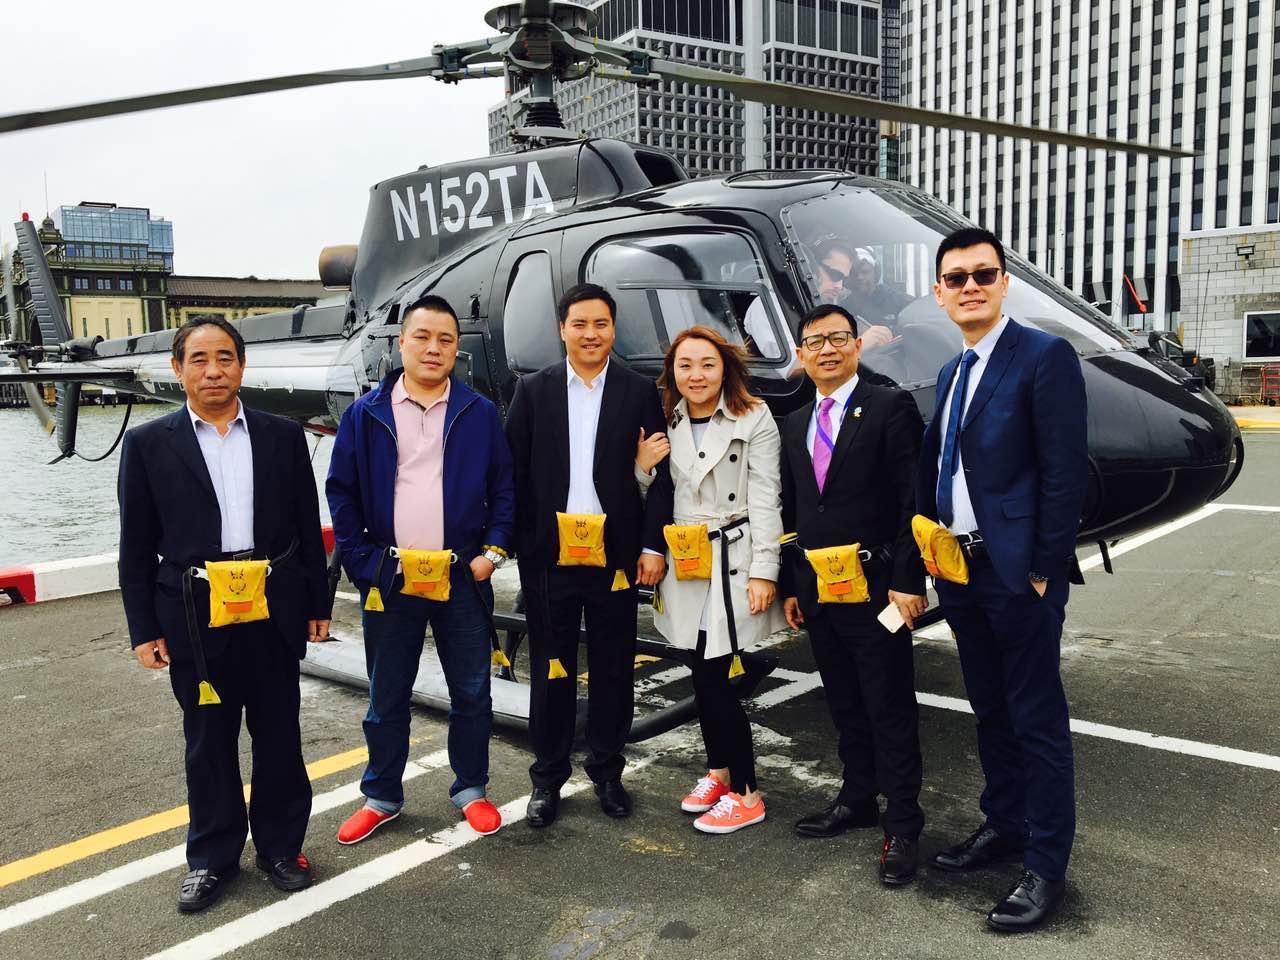 直升机鸟瞰曼哈顿3